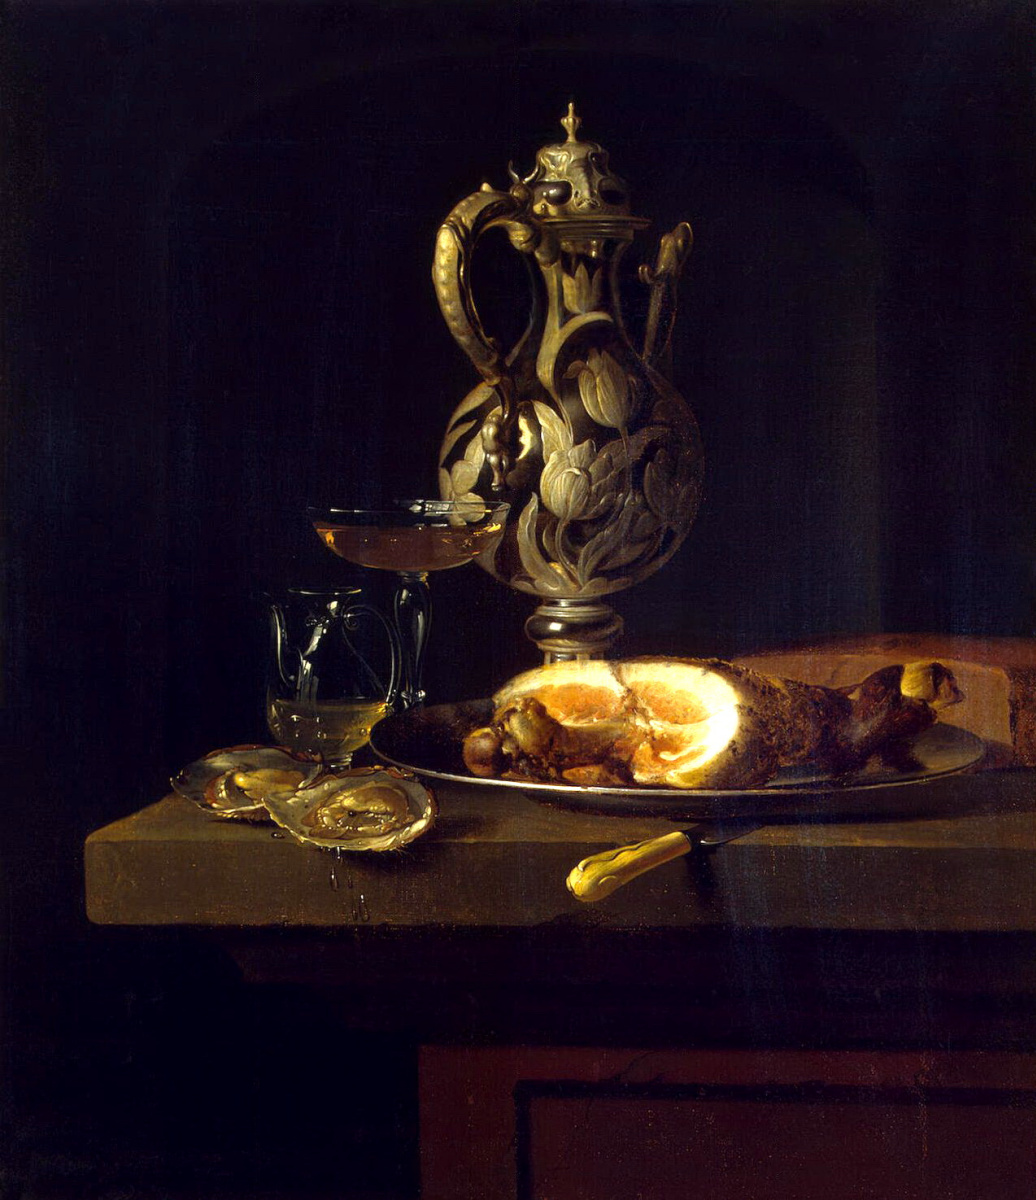 Симон Луттихейс. Завтрак с окороком